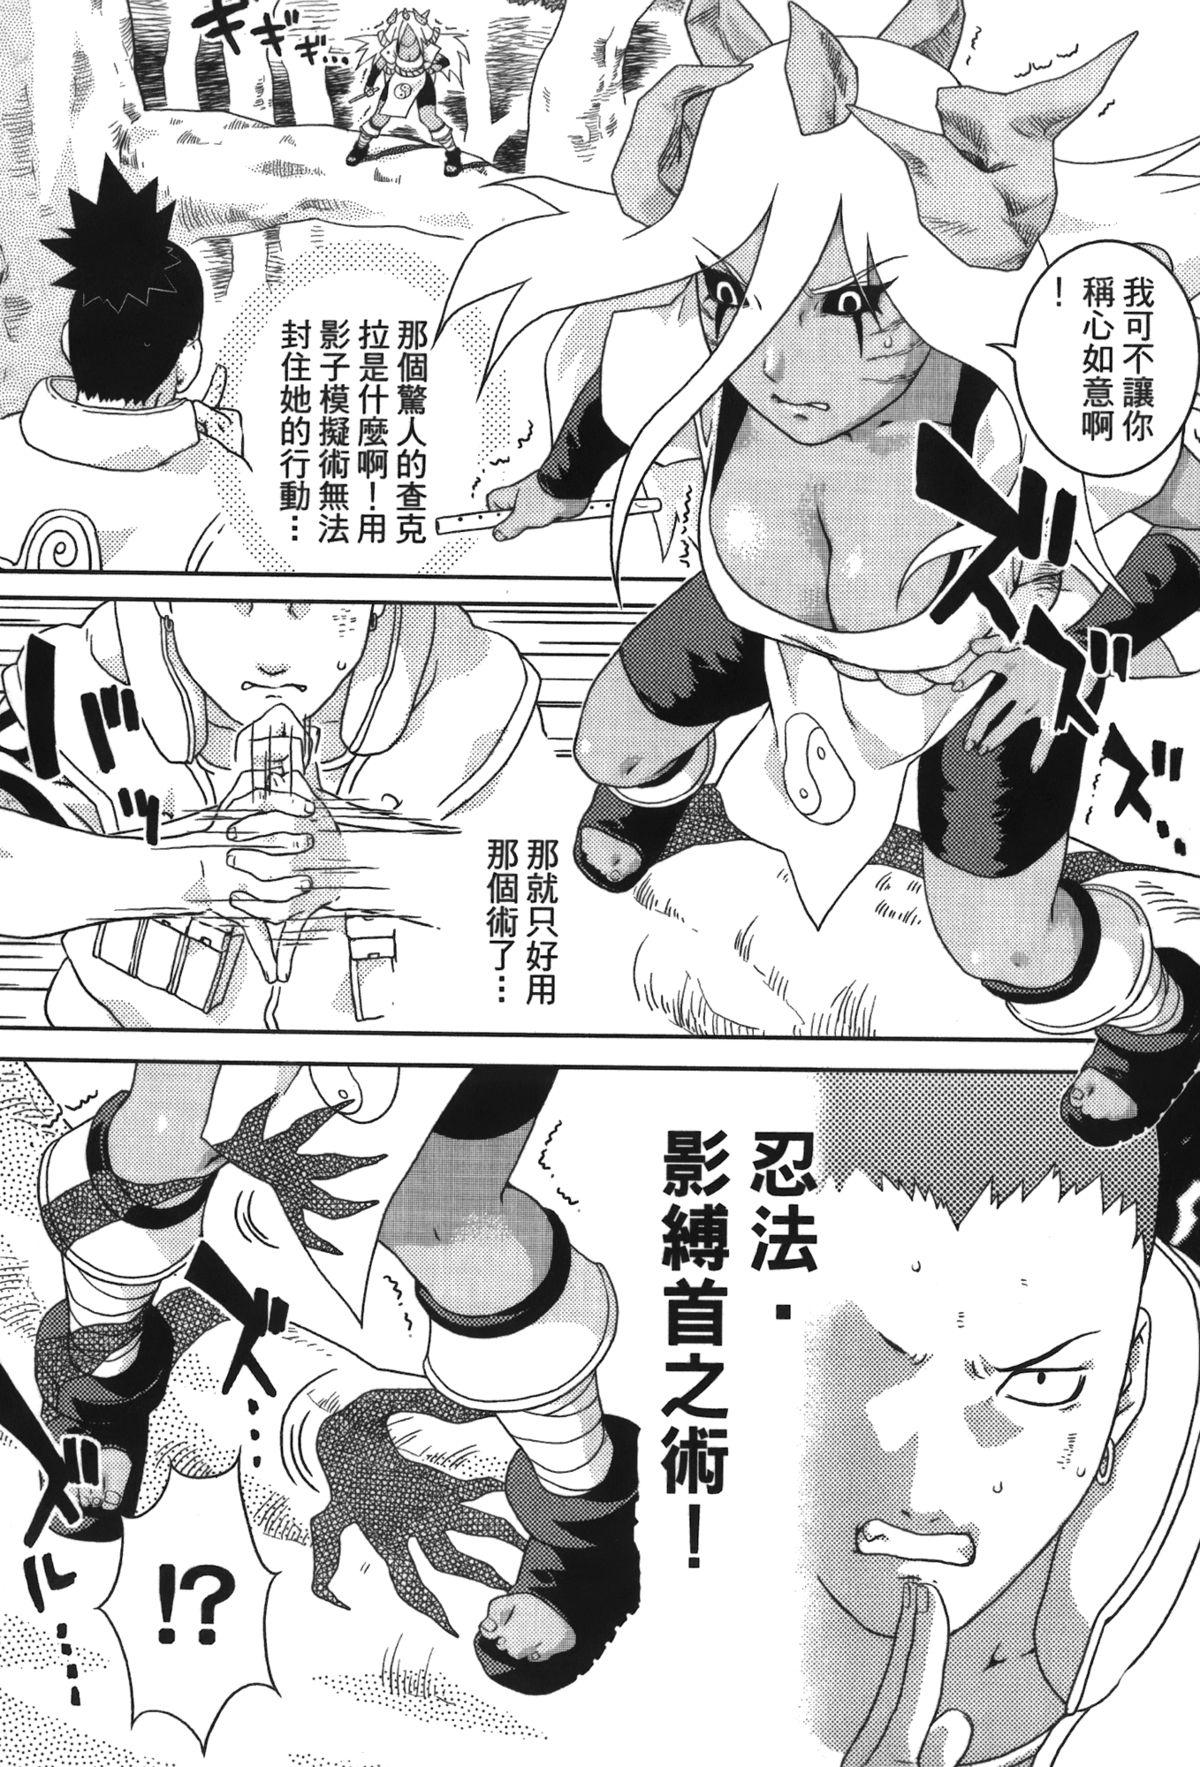 火影忍传第叁卷04